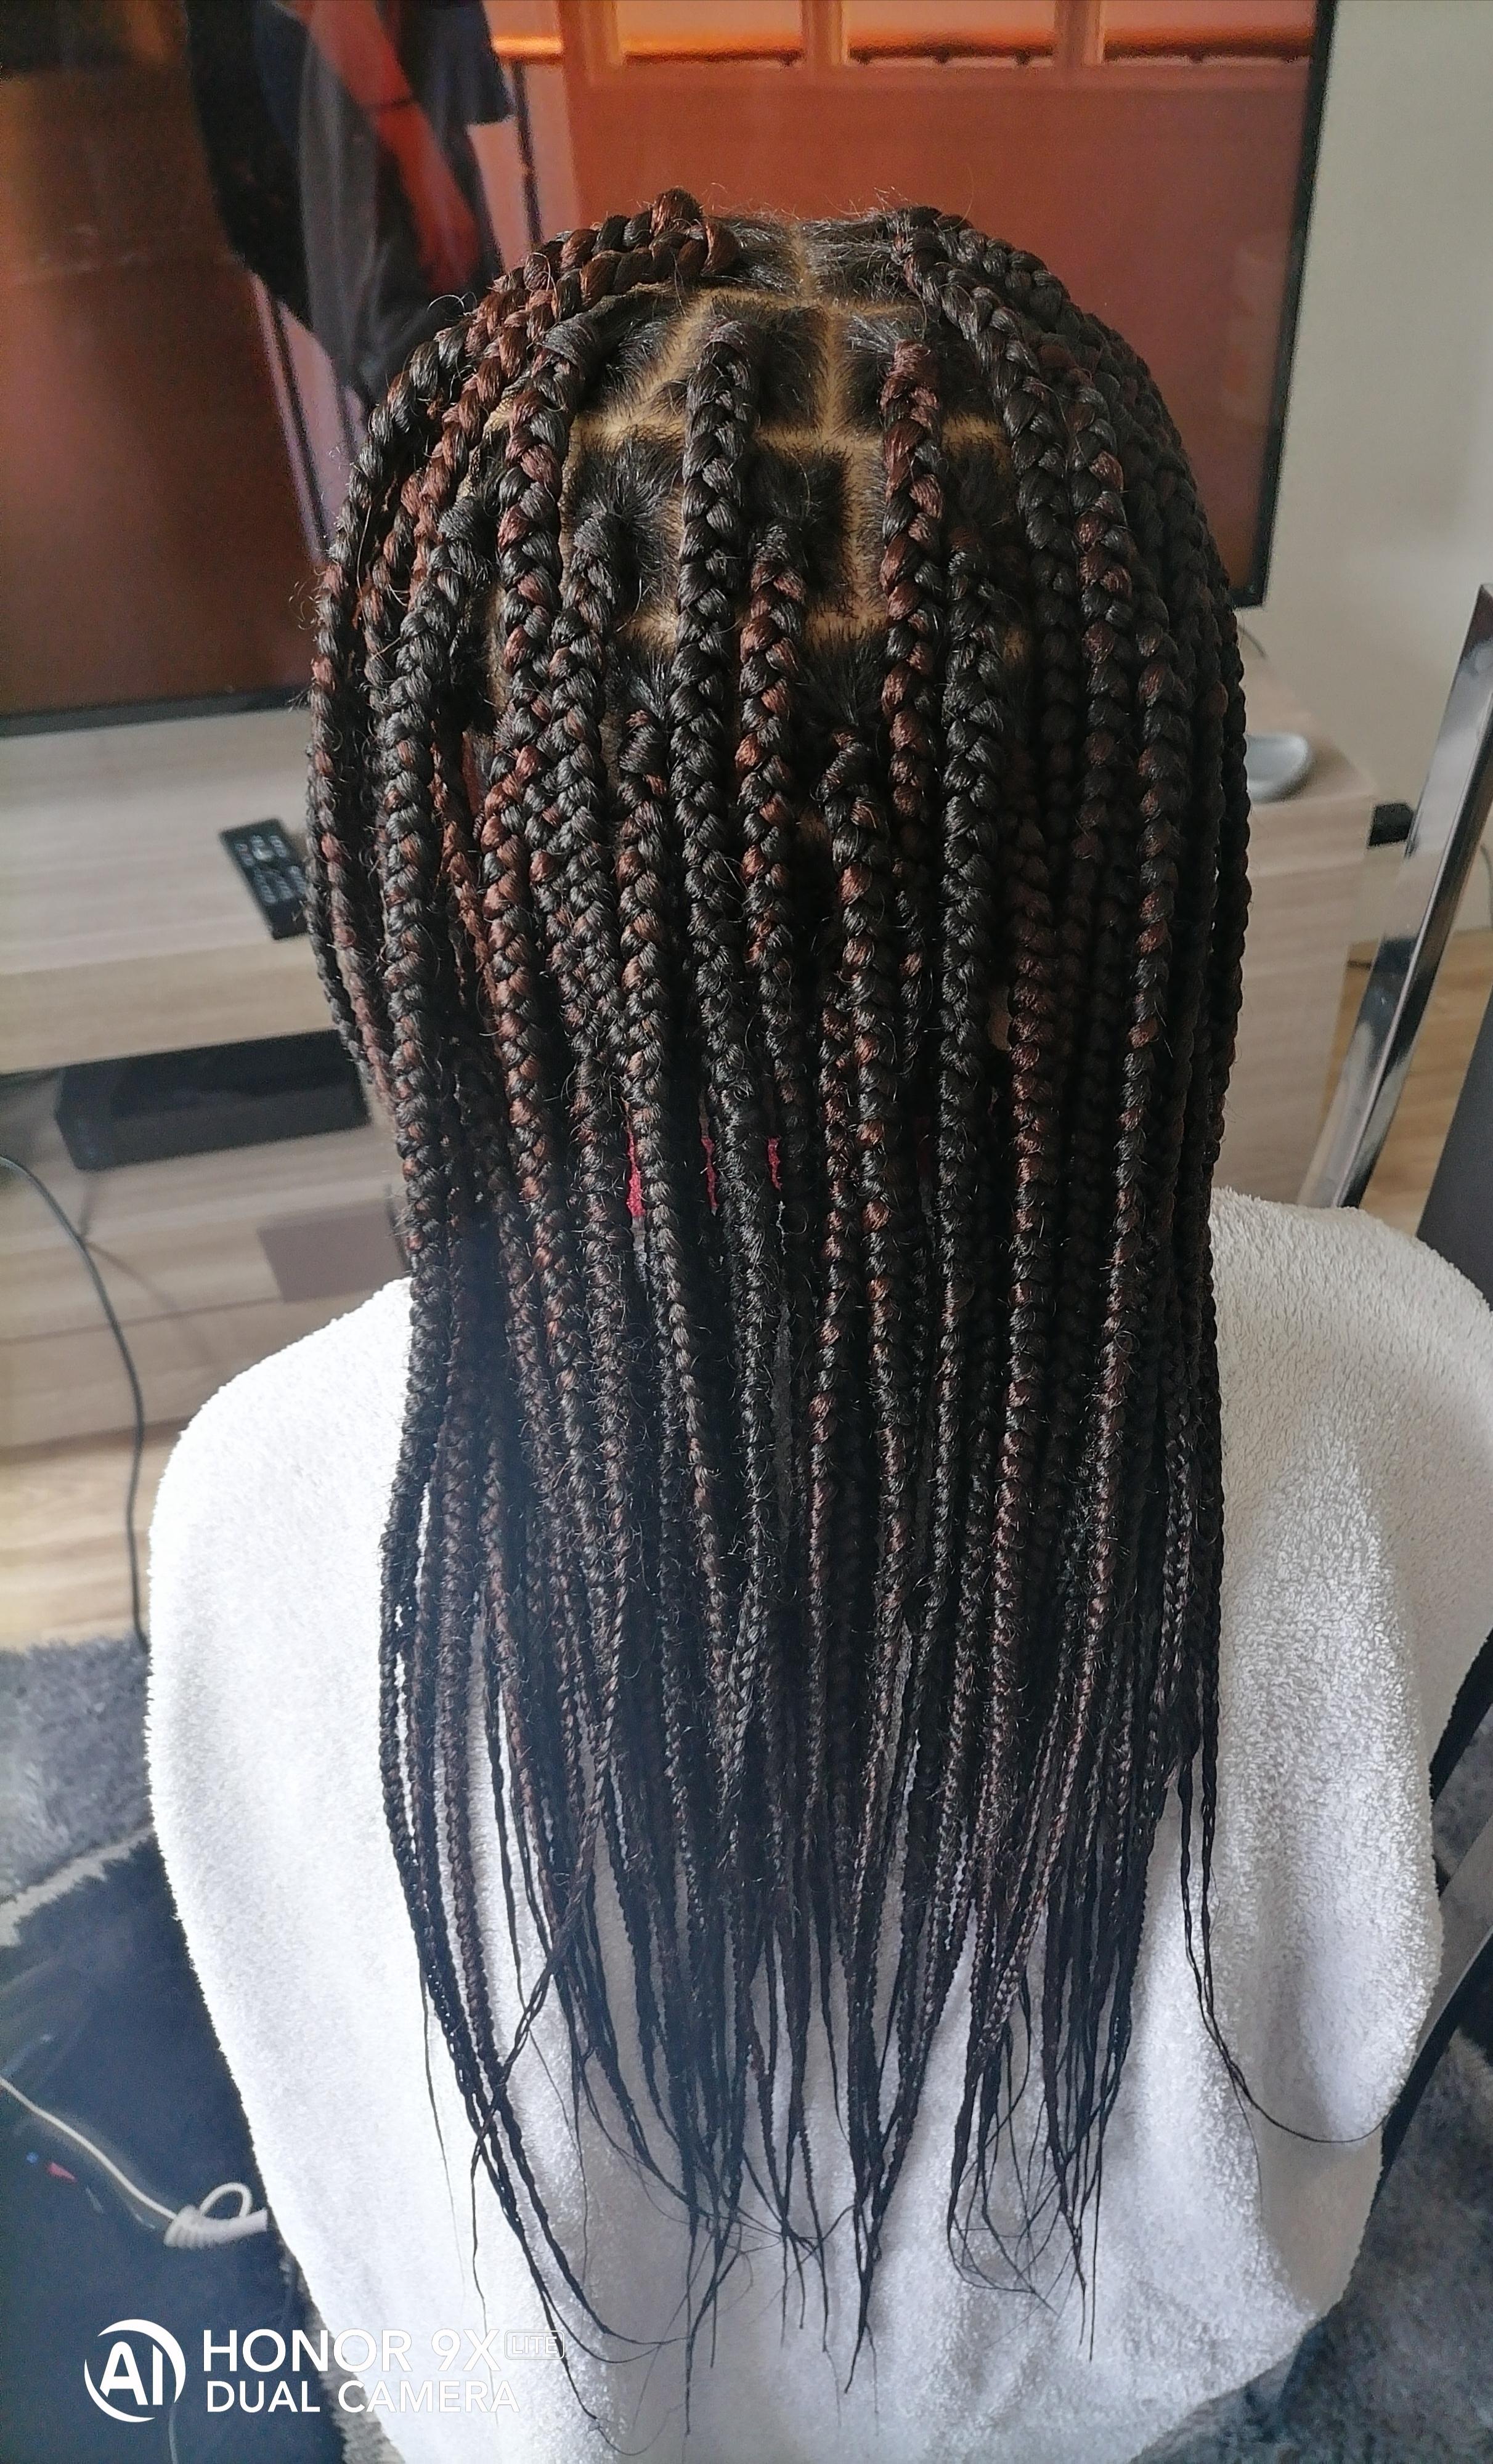 salon de coiffure afro tresse tresses box braids crochet braids vanilles tissages paris 75 77 78 91 92 93 94 95 OQXJUYRN